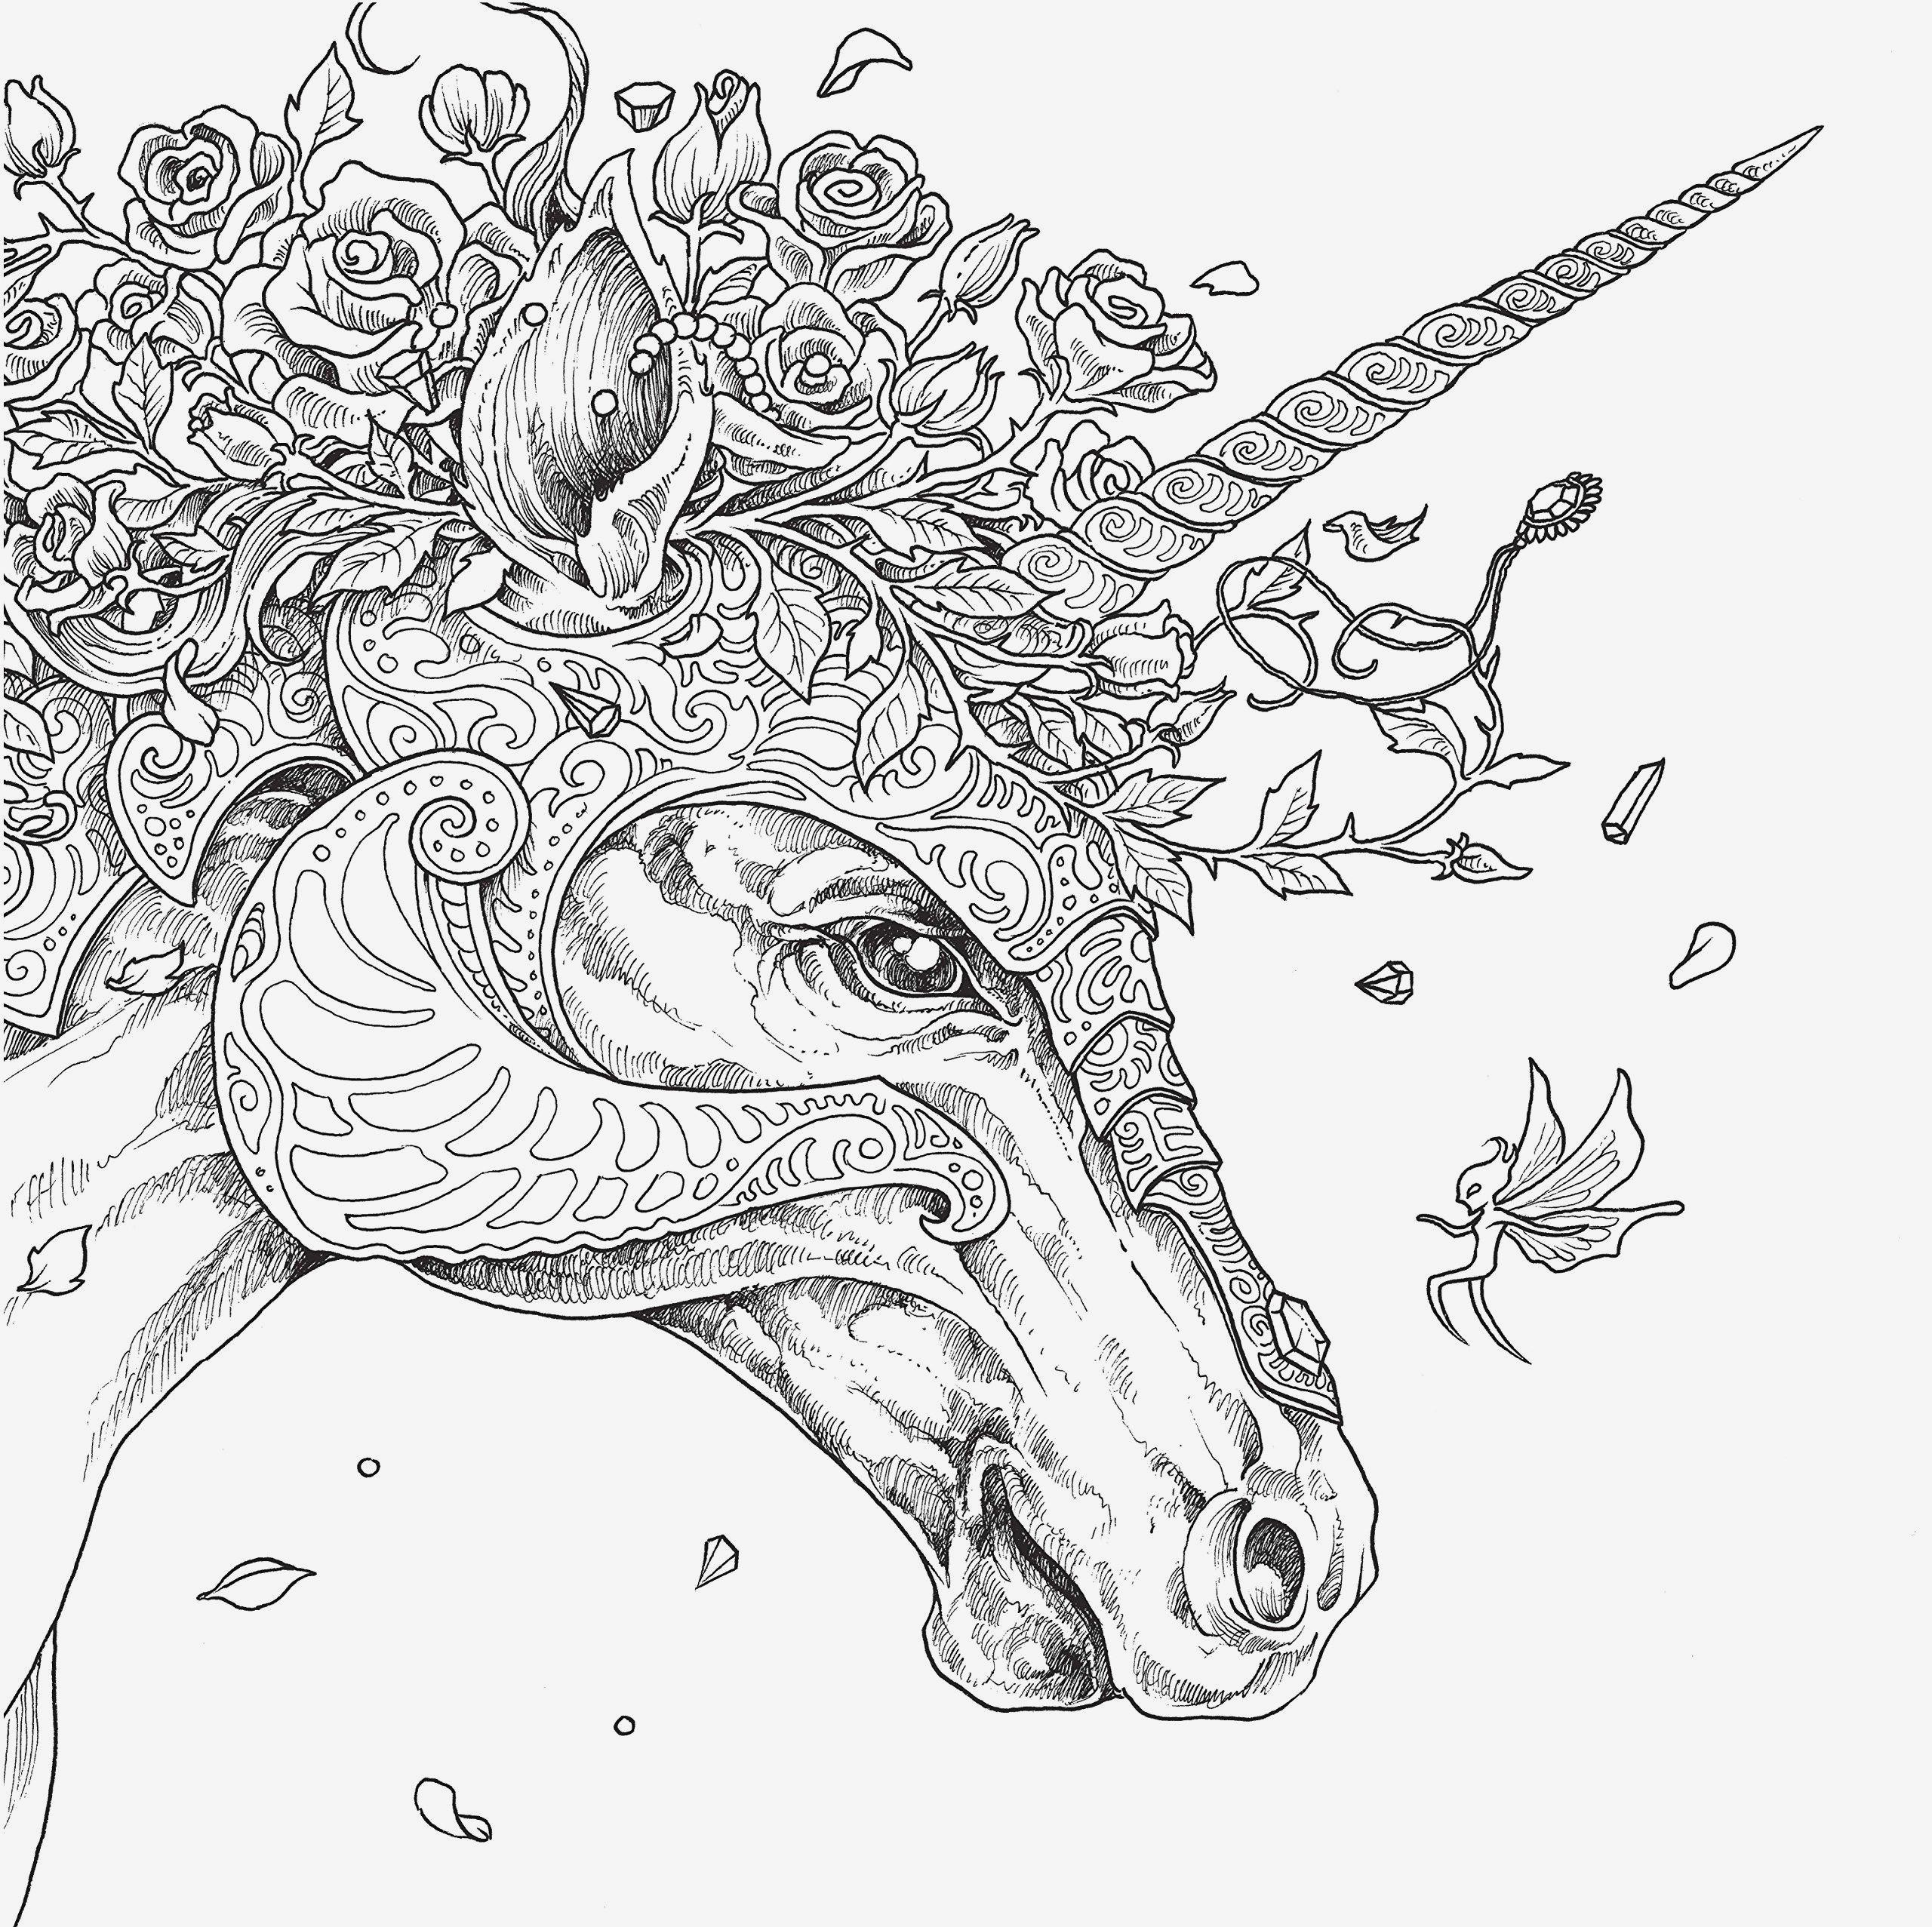 Hexen Bilder Zum Ausdrucken Frisch 40 Drachen Ausmalbilder Scoredatscore Luxus Die Kleine Hexe Bilder